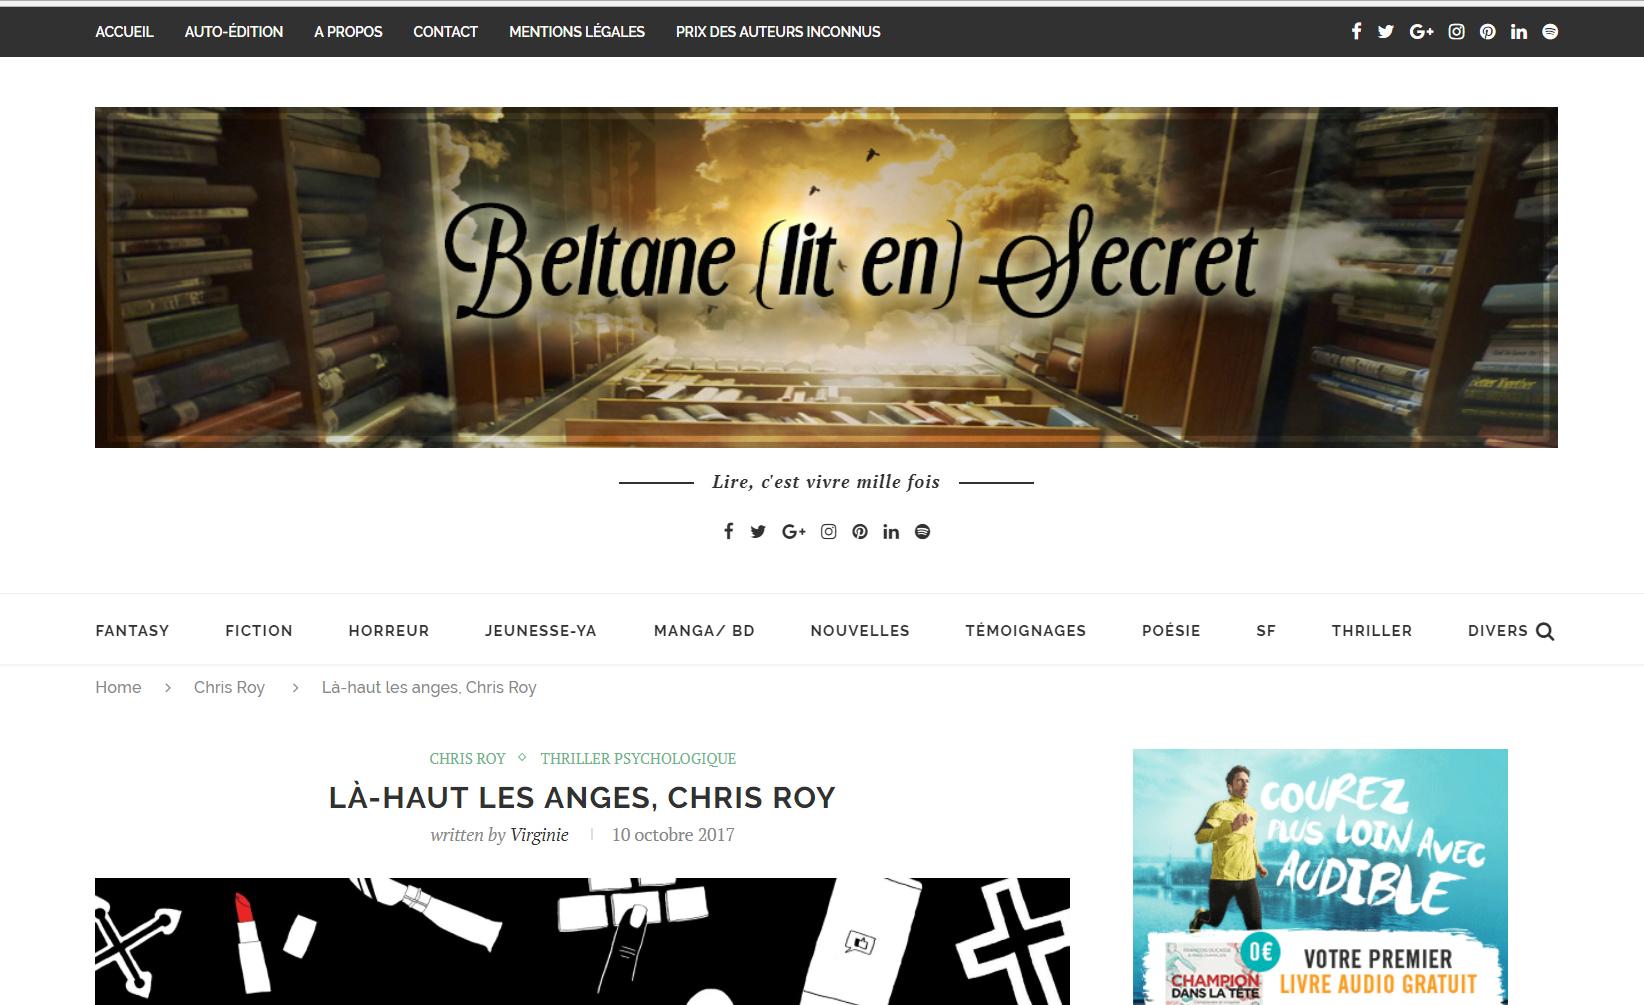 Beltane lit en Secret : Là-haut les anges